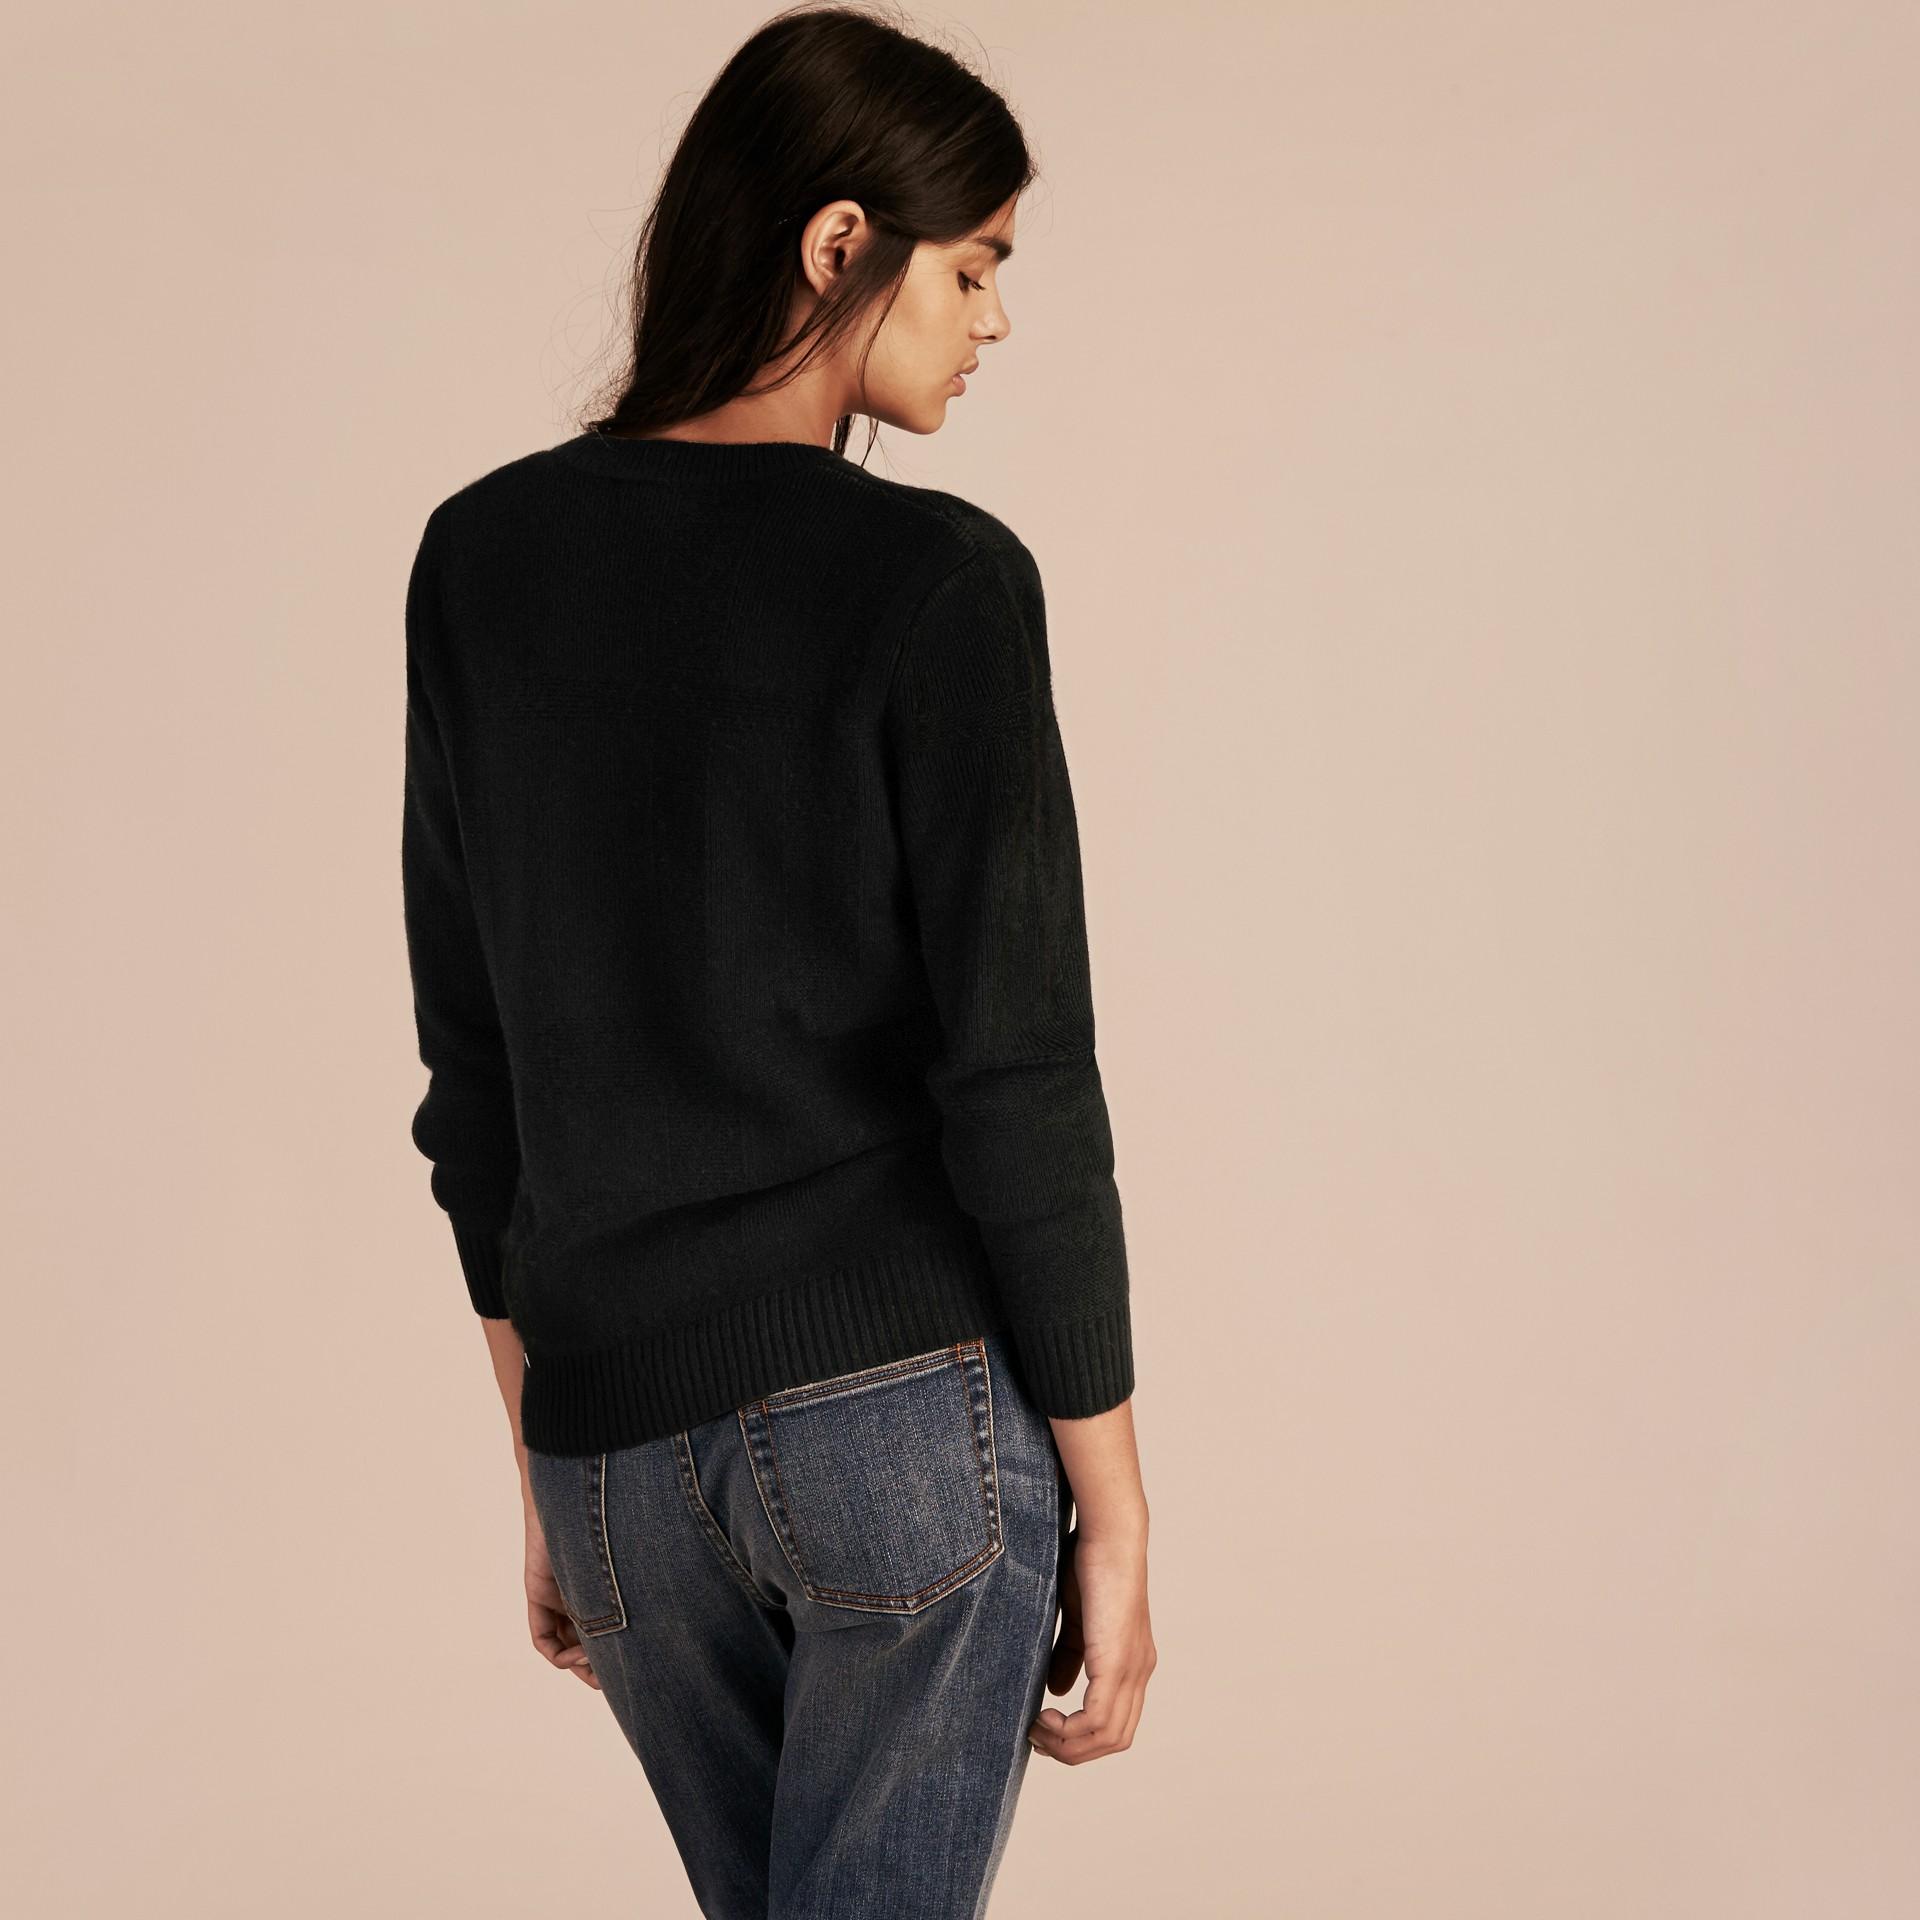 Schwarz Pullover aus Wolle und Kaschmir mit Check-Muster Schwarz - Galerie-Bild 3